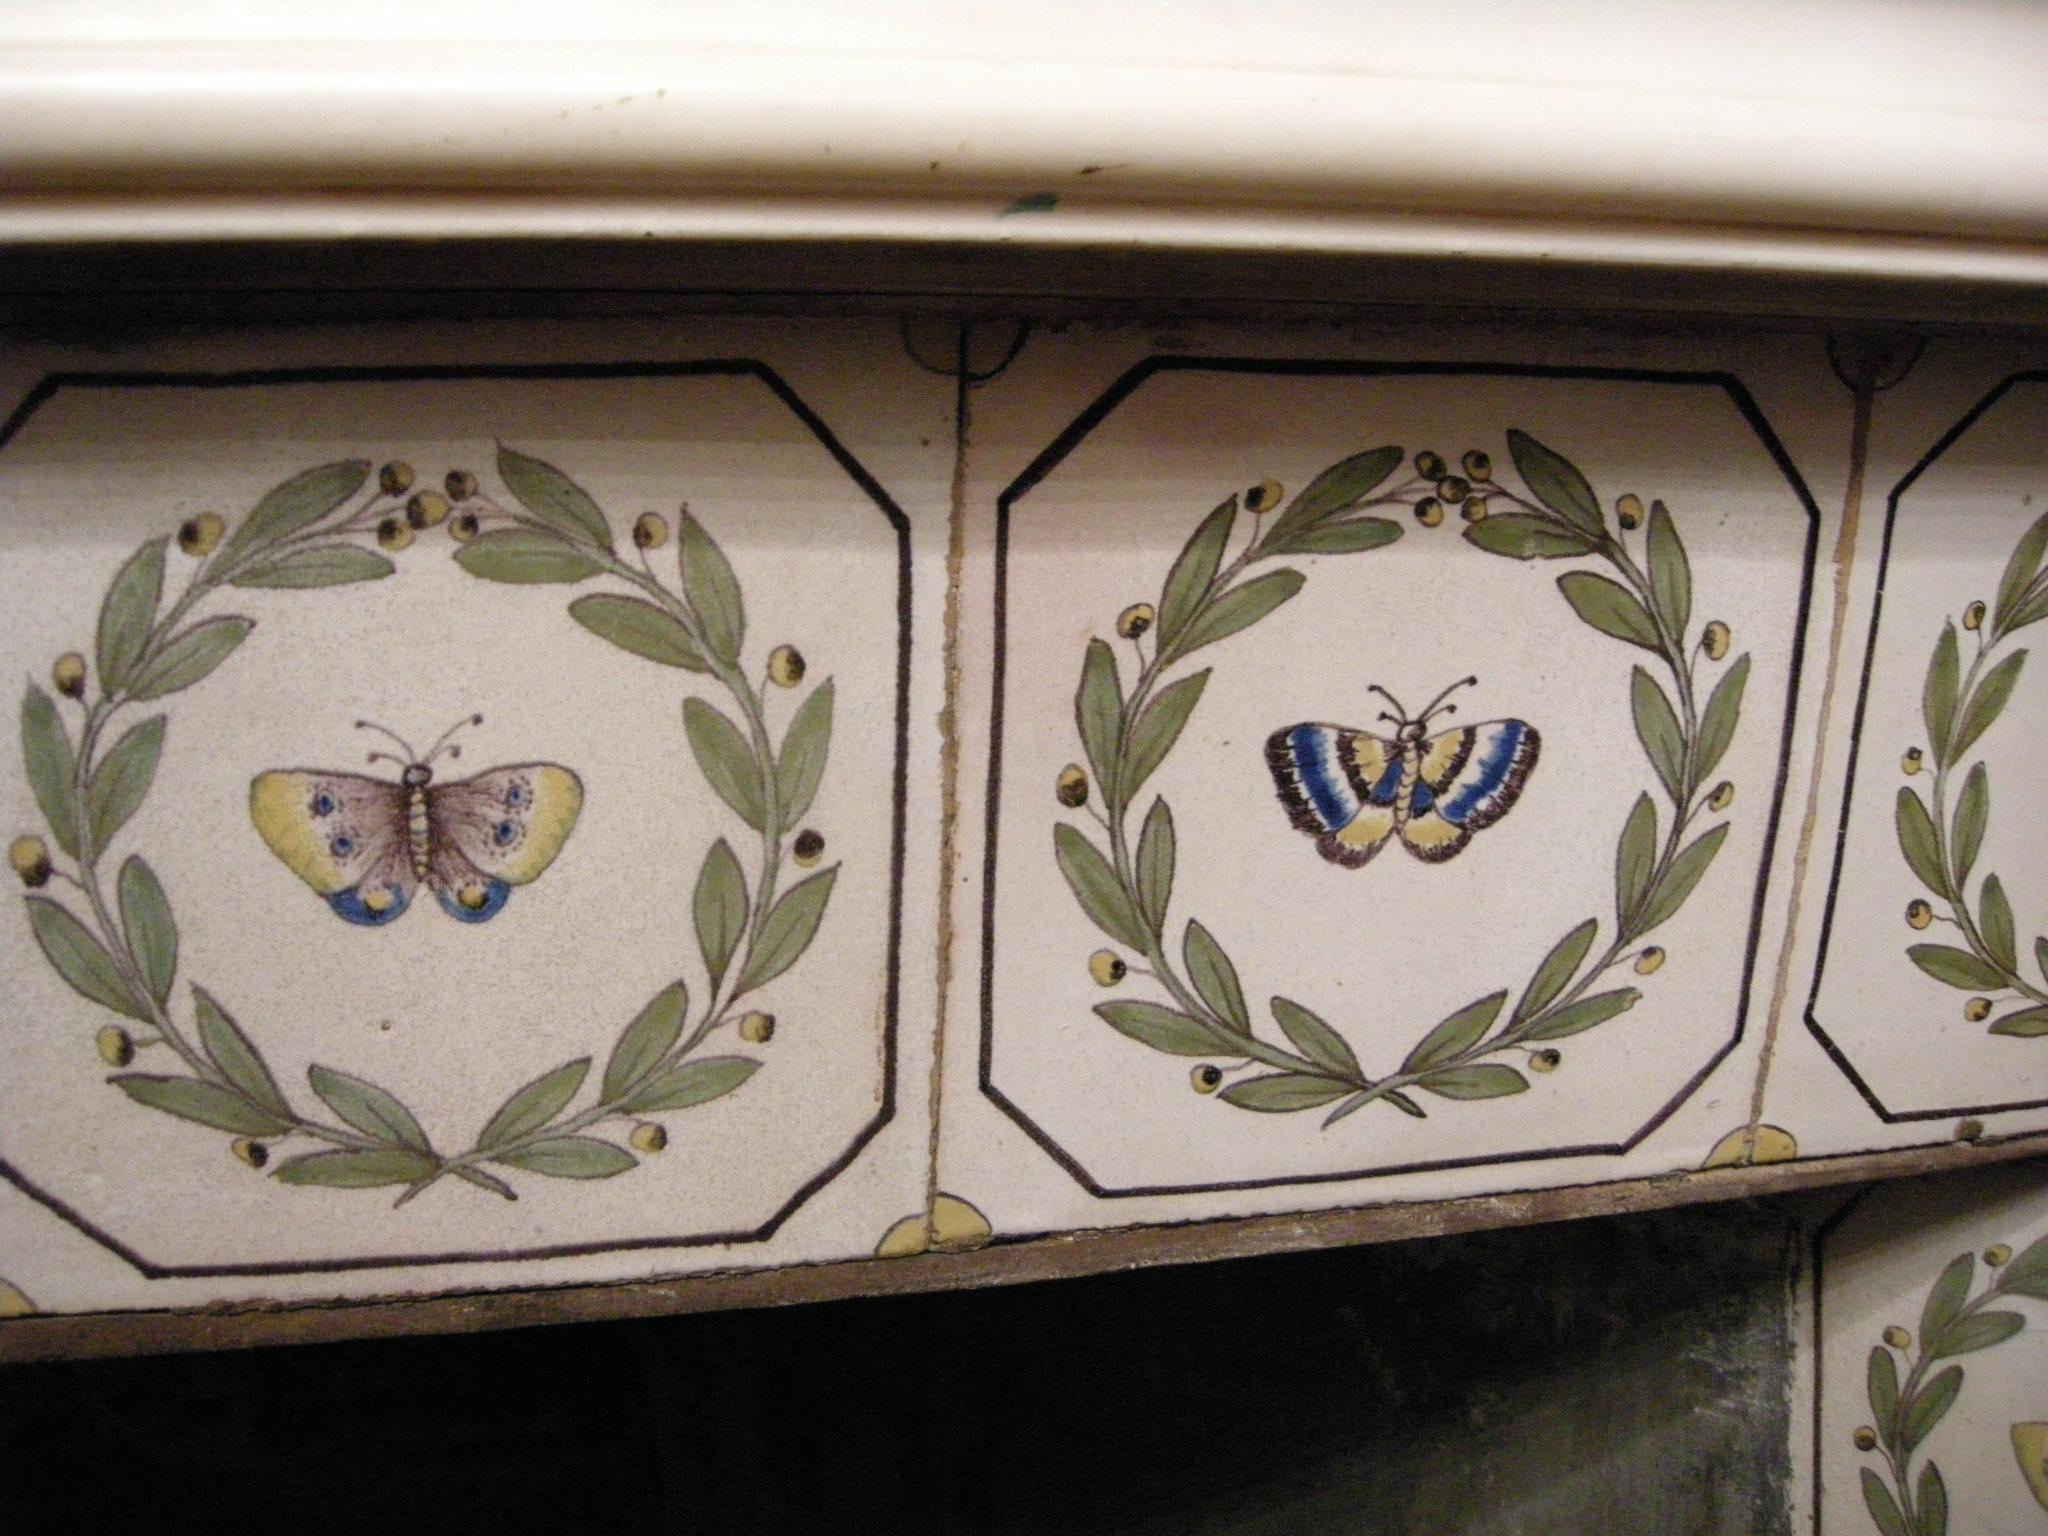 File:sala di cefalo camino piastrelle con farfalle della